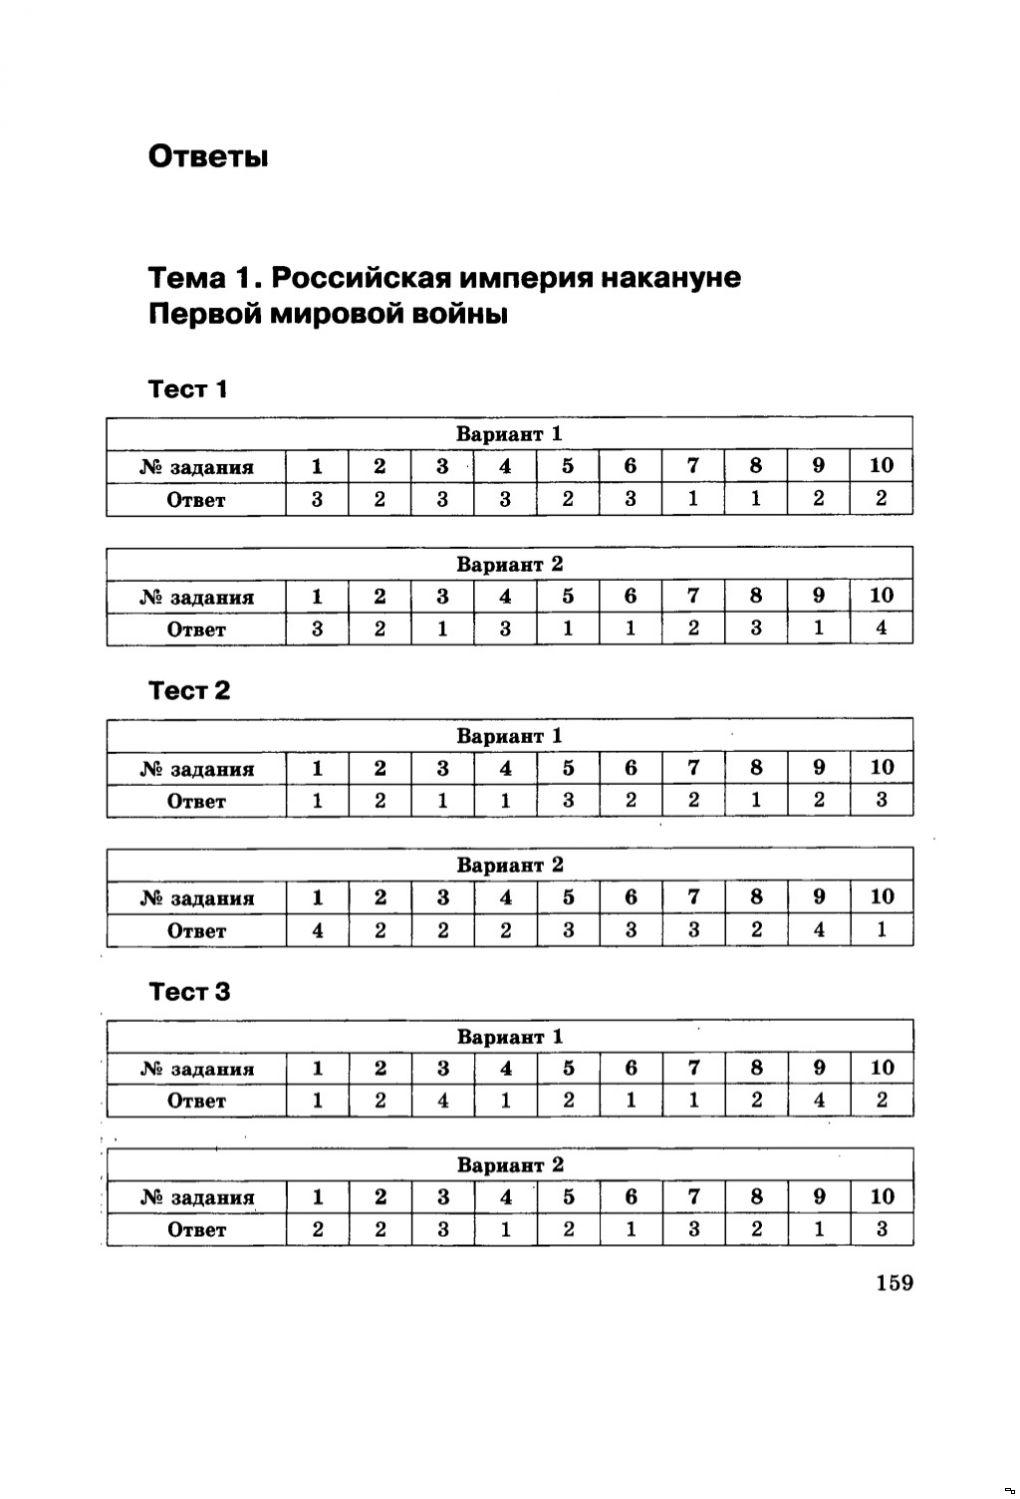 Рабочая тетрадь по истории древнего мира 5 класс решебник без регистрации и бес номера телефона